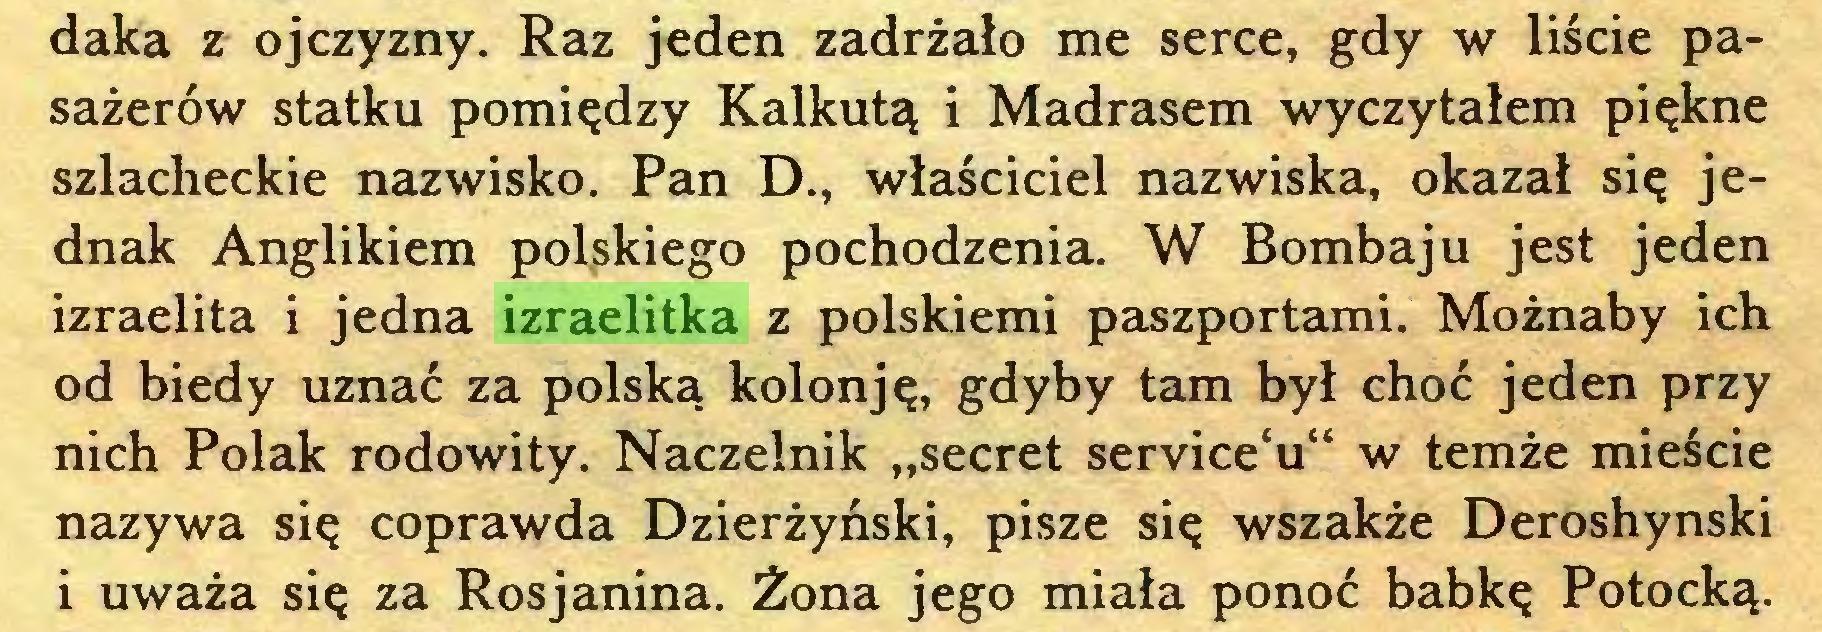 """(...) daka z ojczyzny. Raz jeden zadrżało me serce, gdy w liście pasażerów statku pomiędzy Kalkutą i Madrasem wyczytałem piękne szlacheckie nazwisko. Pan D., właściciel nazwiska, okazał się jednak Anglikiem polskiego pochodzenia. W Bombaju jest jeden izraelita i jedna izraelitka z polskiemi paszportami. Możnaby ich od biedy uznać za polską kolonję, gdyby tam był choć jeden przy nich Polak rodowity. Naczelnik """"secret service'u"""" w temże mieście nazywa się coprawda Dzierżyński, pisze się wszakże Deroshynski i uważa się za Rosjanina. Żona jego miała ponoć babkę Potocką..."""